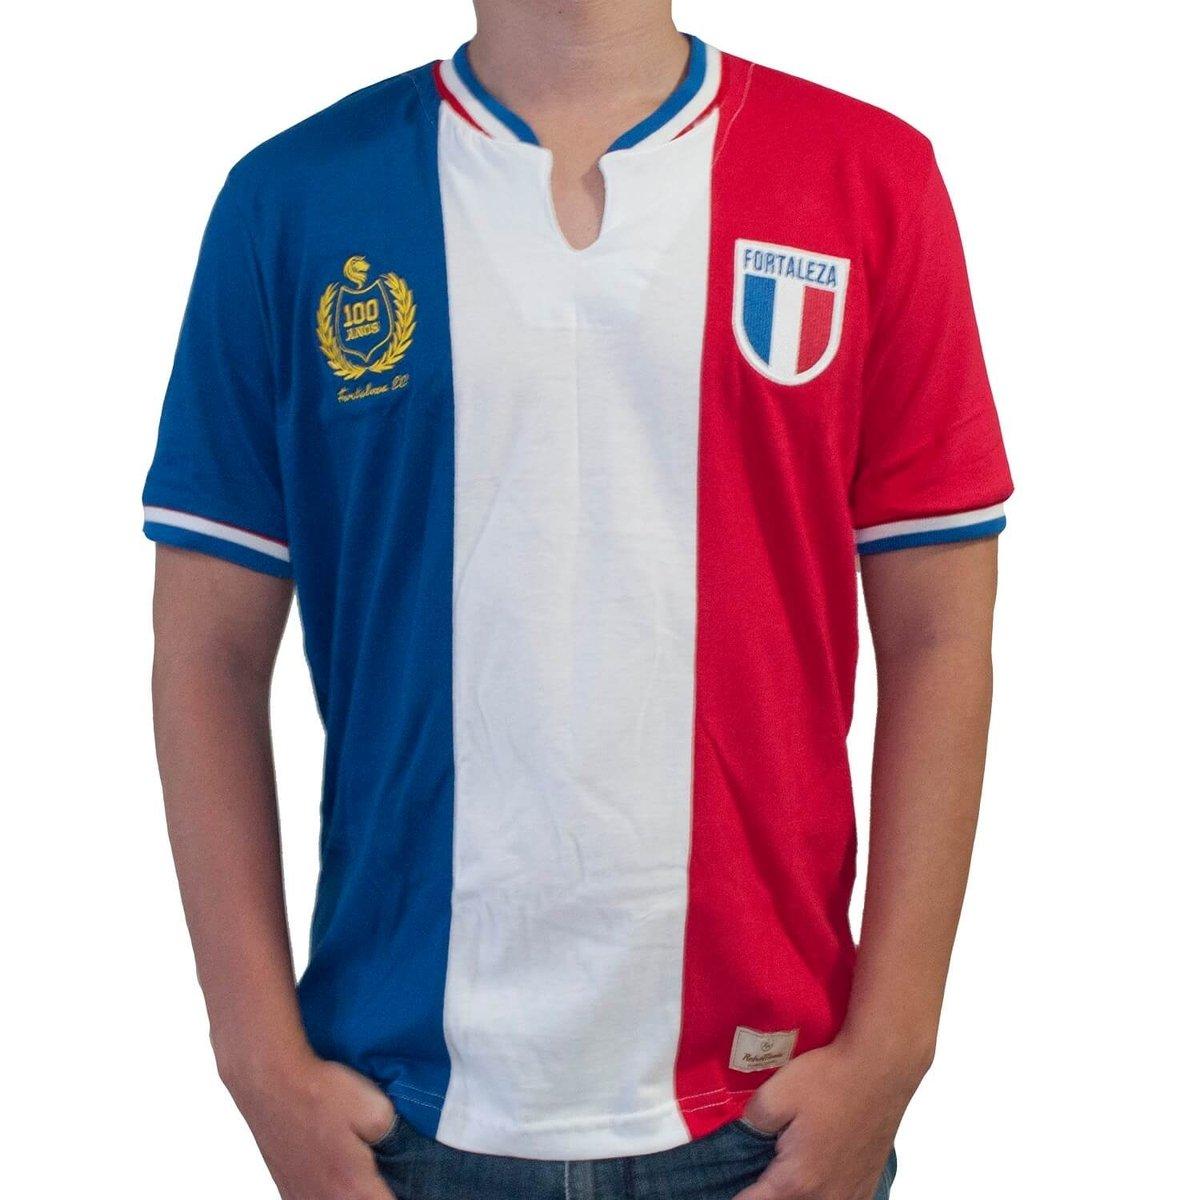 ... Camisa Retrô Mania Fortaleza Centenário - Fundadores - Compre Agora  Netshoes 1f3bb1426c1b39 ... 1104864f3dfcf